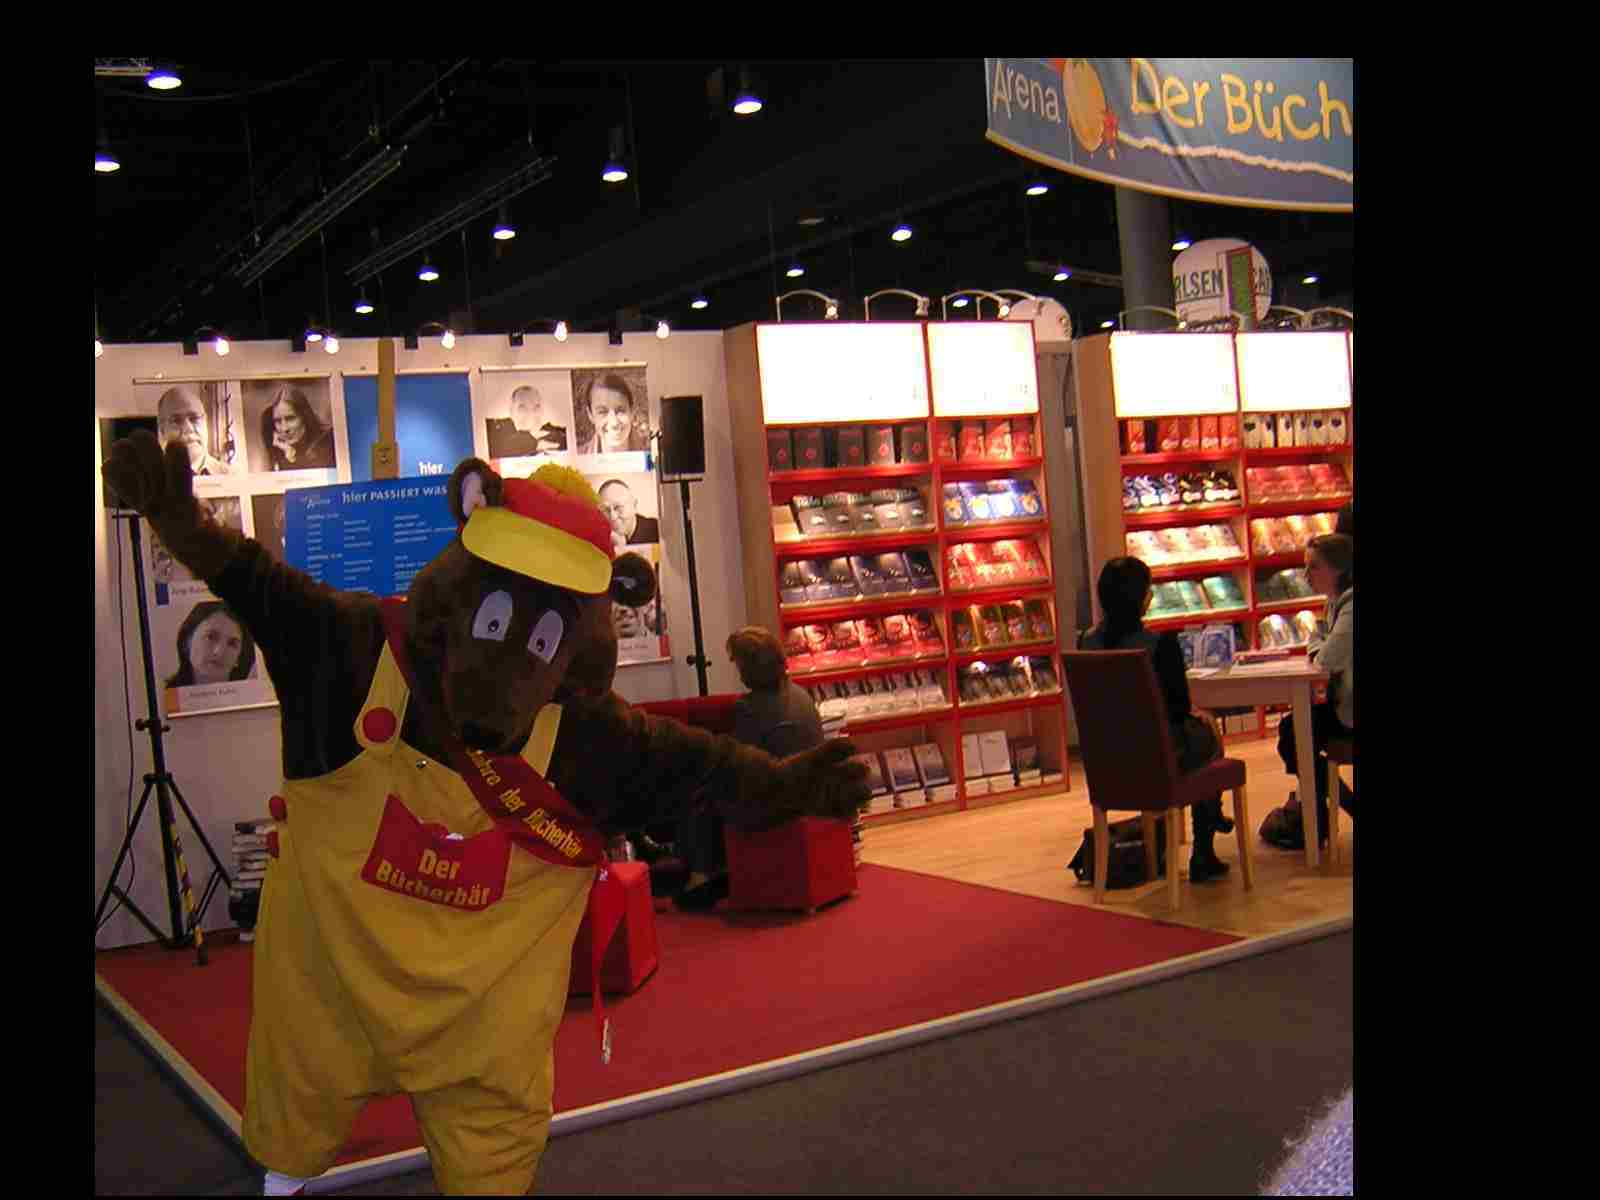 Obr. 2: Bücherbär čili knižní medvěd propagoval stejnojmennou edici dětských knih. Medvěd je ovšem maskotem mnoha dalších německých nakladatelství (například nakladatelství Donny Stieven přitom leží v Berlíně, který má medvěda v názvu i v logu). Dobré kontakty má Národní knihovna s nakladatelstvím Bärenreiter (doslova jezdec na medvědovi), v jehož logu se také nachází medvěd. Téma by si ovšem zasloužilo hlubší ikonografický rozbor.